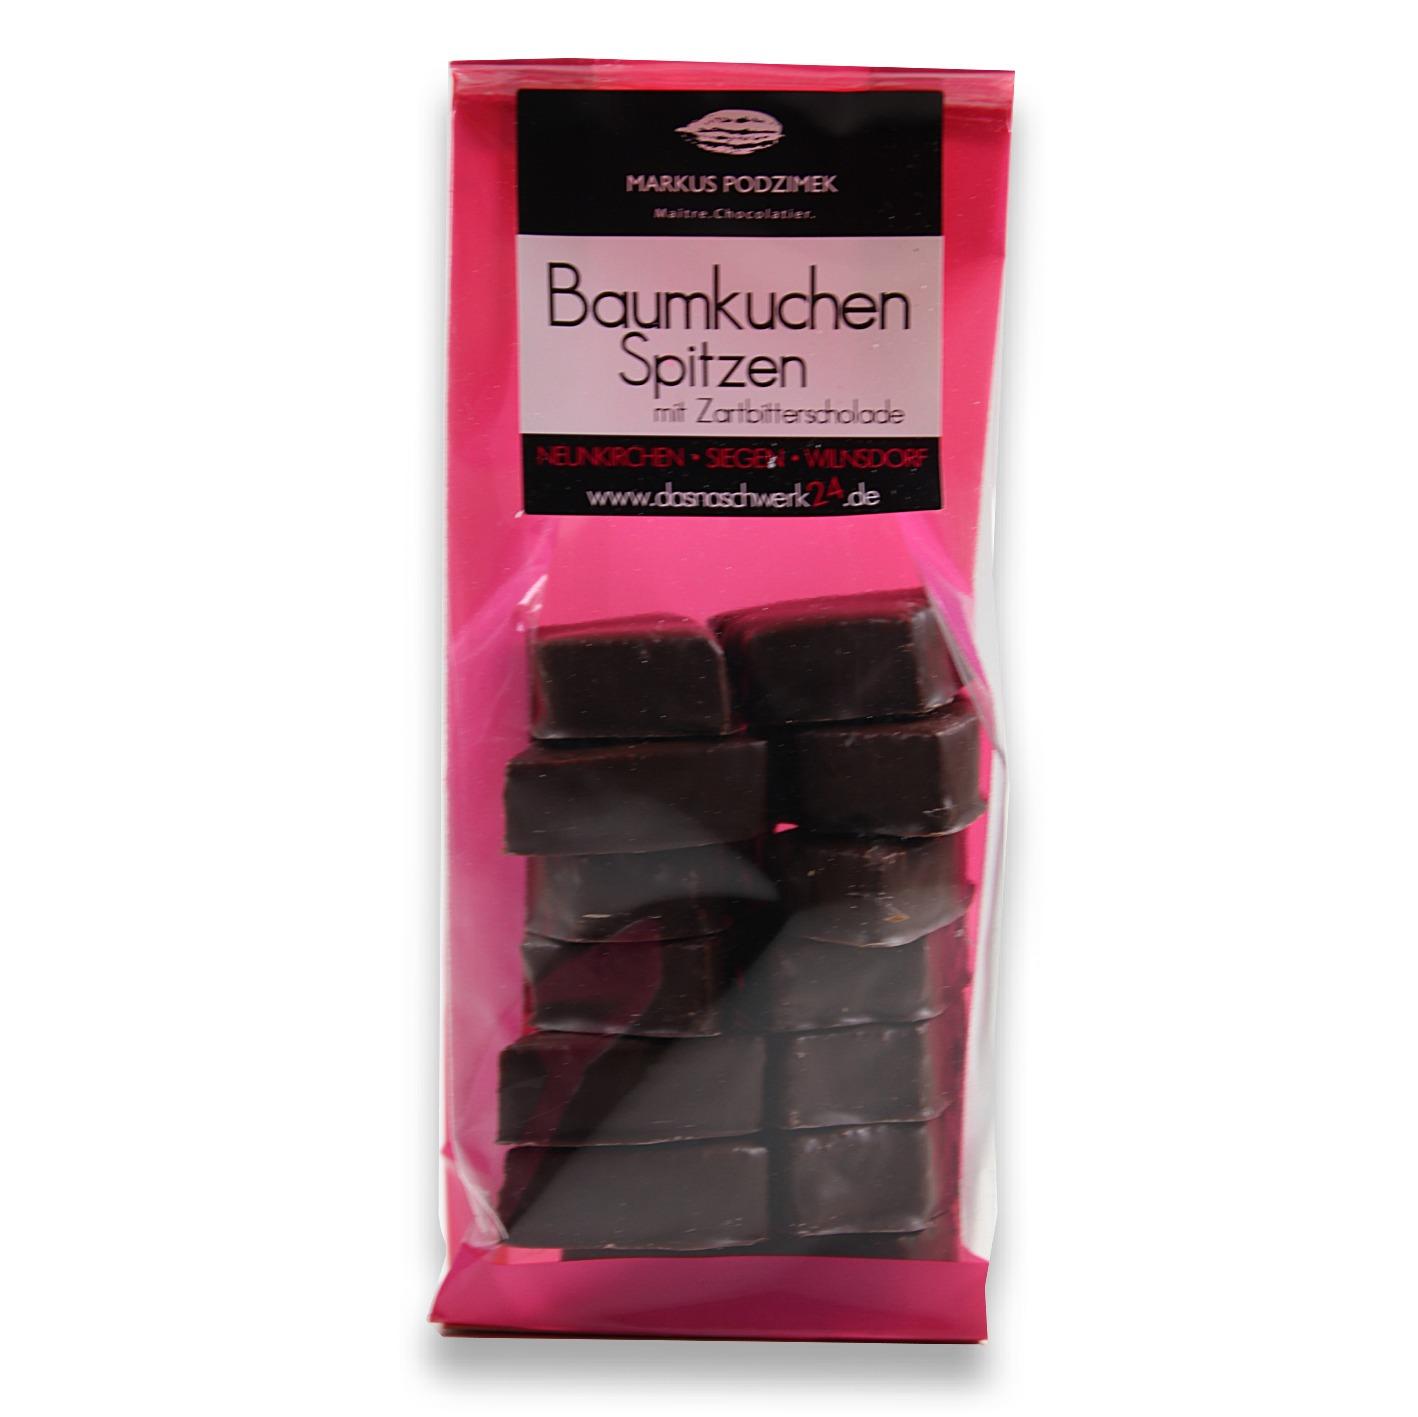 BaumkuchenspitzenmitEdel-Zartbitterschokoladenüberzug-1.jpg